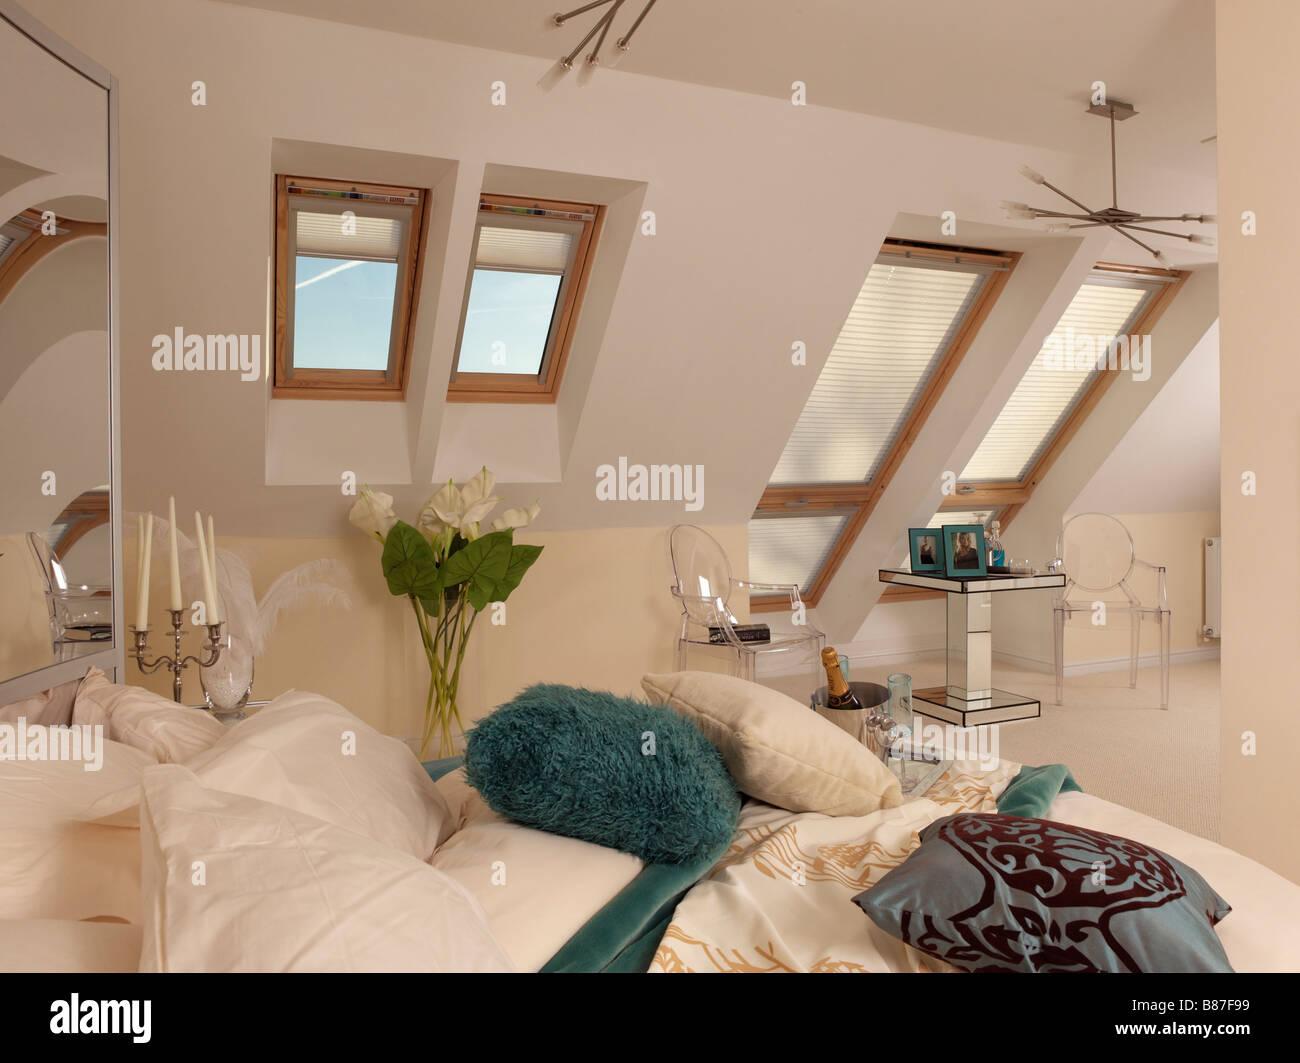 Blau Creme Schlafzimmer Mit Velux Fenster Und Einem Kleinen Tisch Mit  Bilderrahmen